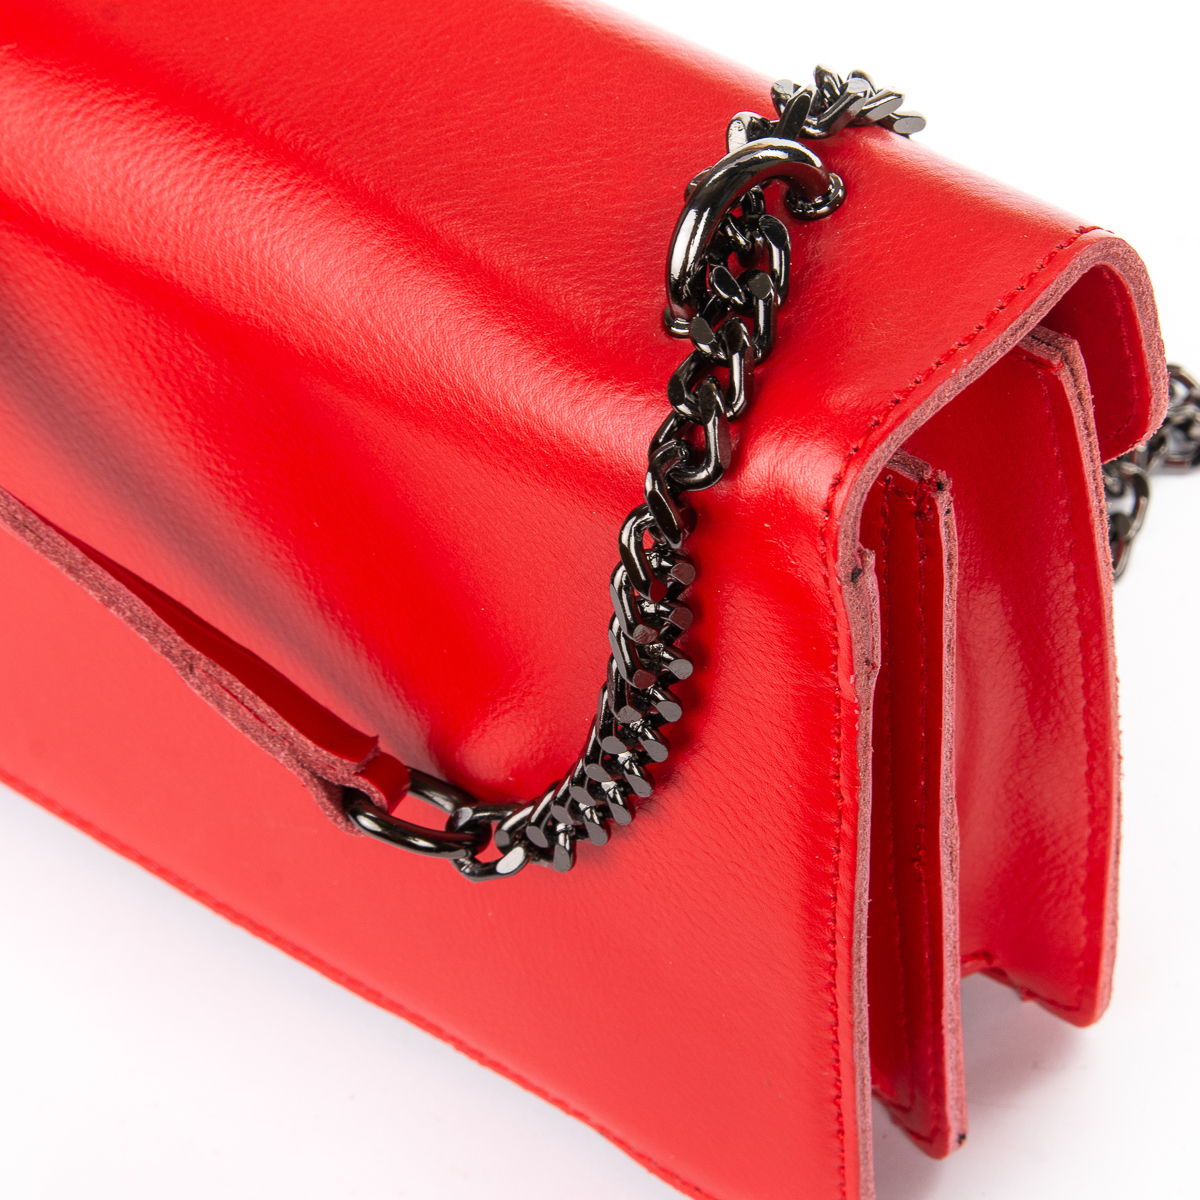 Сумка Женская Клатч кожа ALEX RAI 06-1 8543 red - фото 3